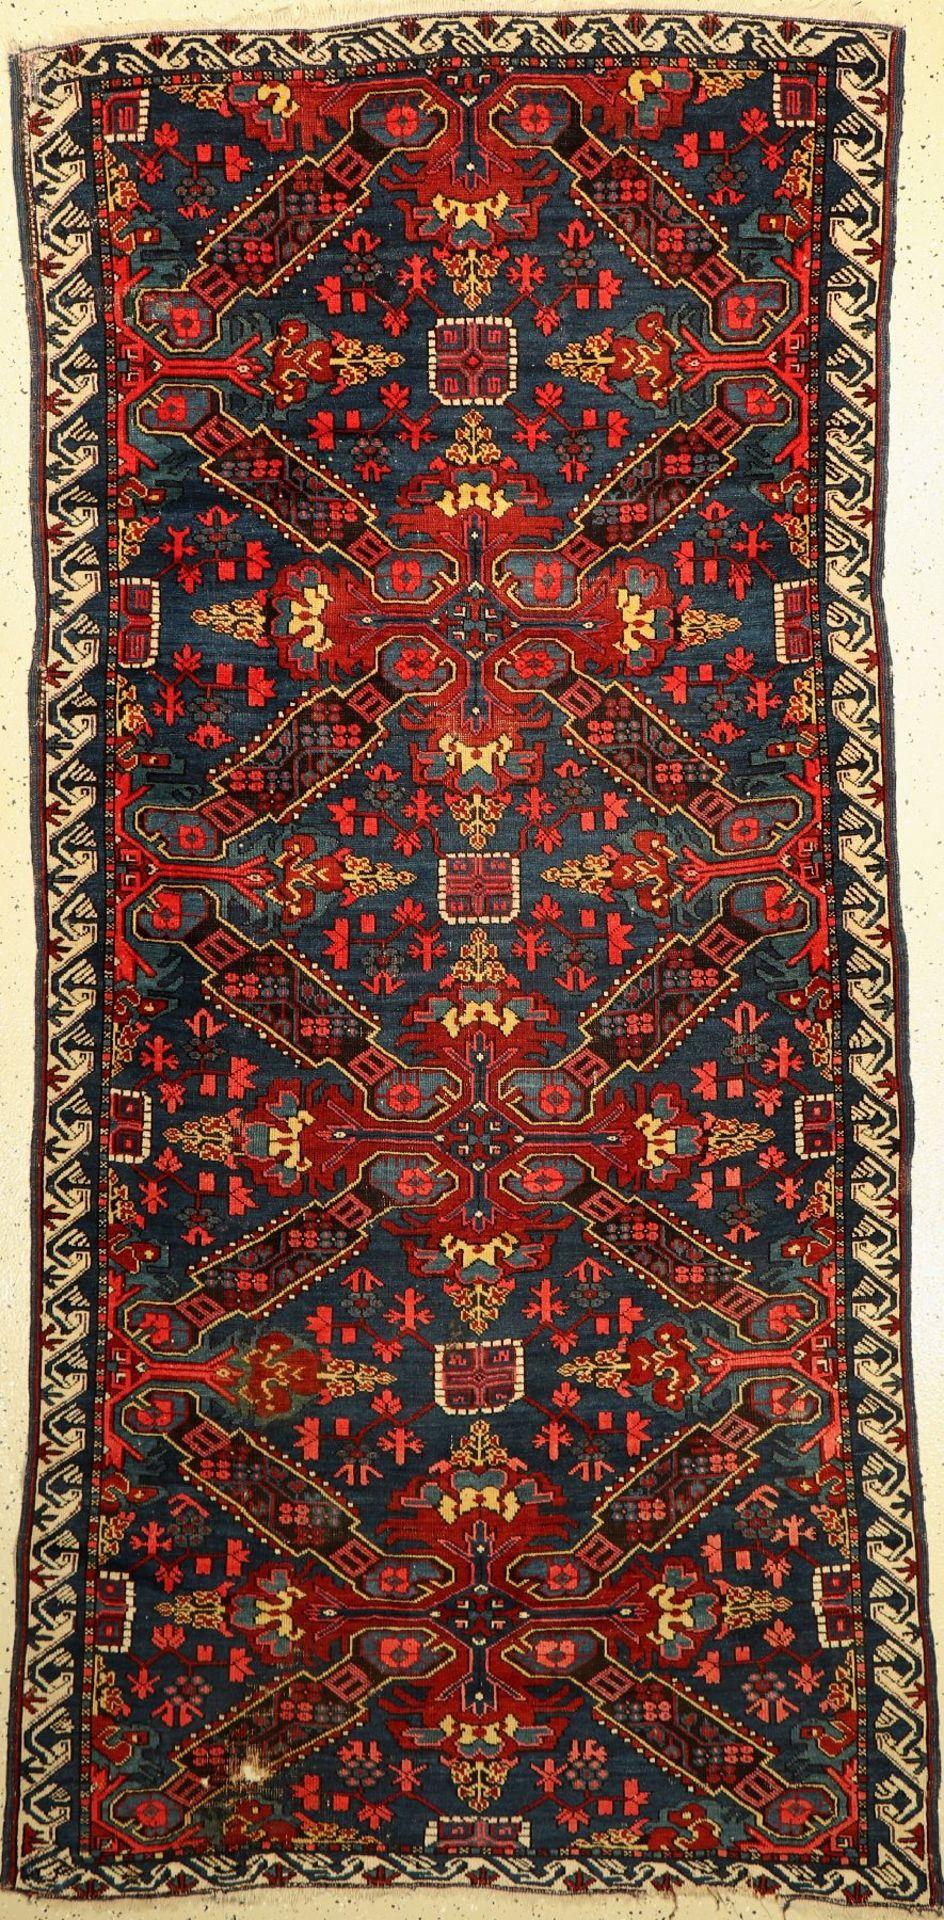 Seichur antik, Kaukasus, um 1890/1900, Wolle auf Wolle, ca. 242 x 111 cm, EHZ: 4 (einLoch)Seikur Rug